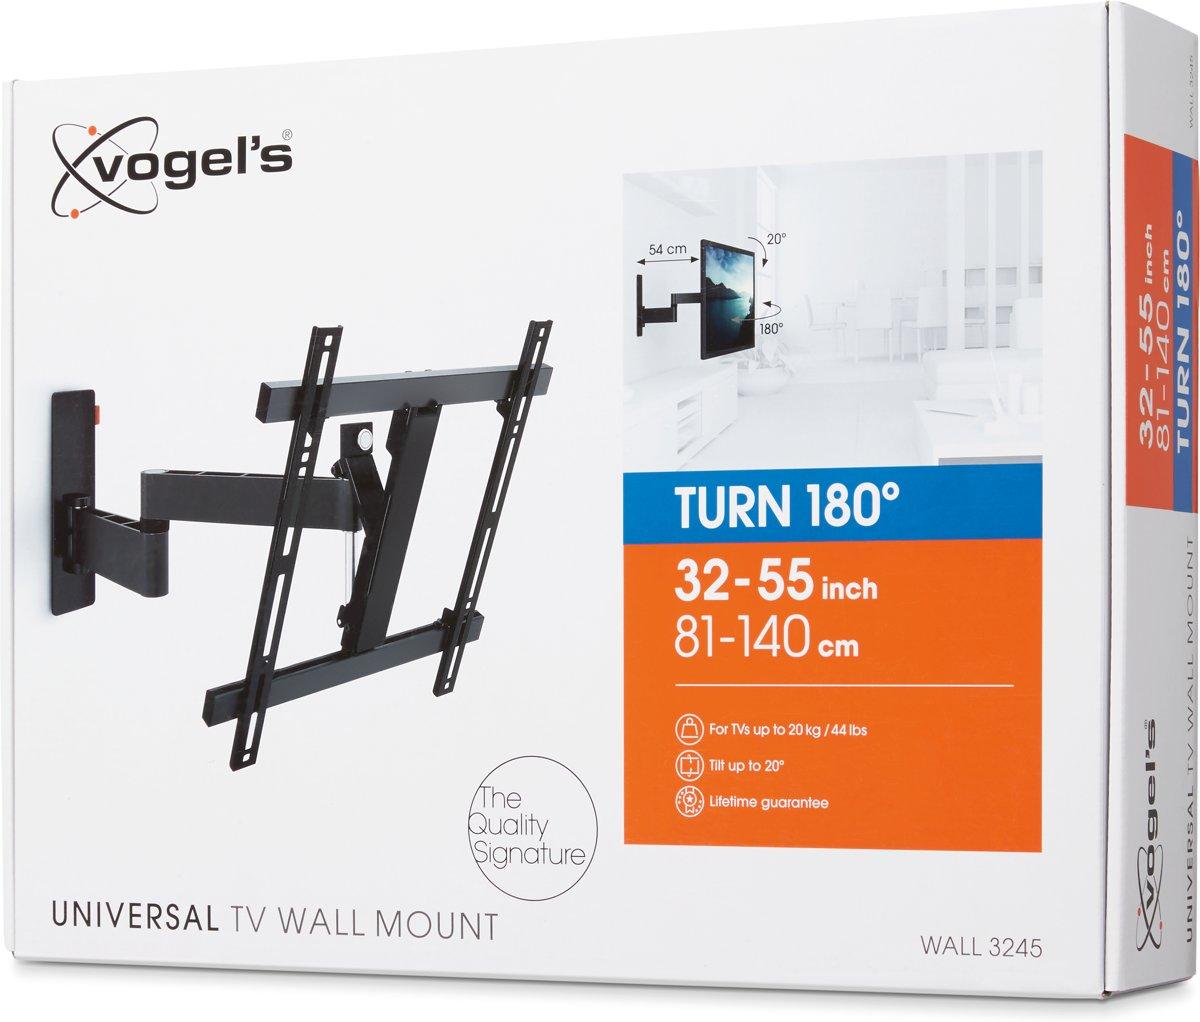 Vogel's wall 3345